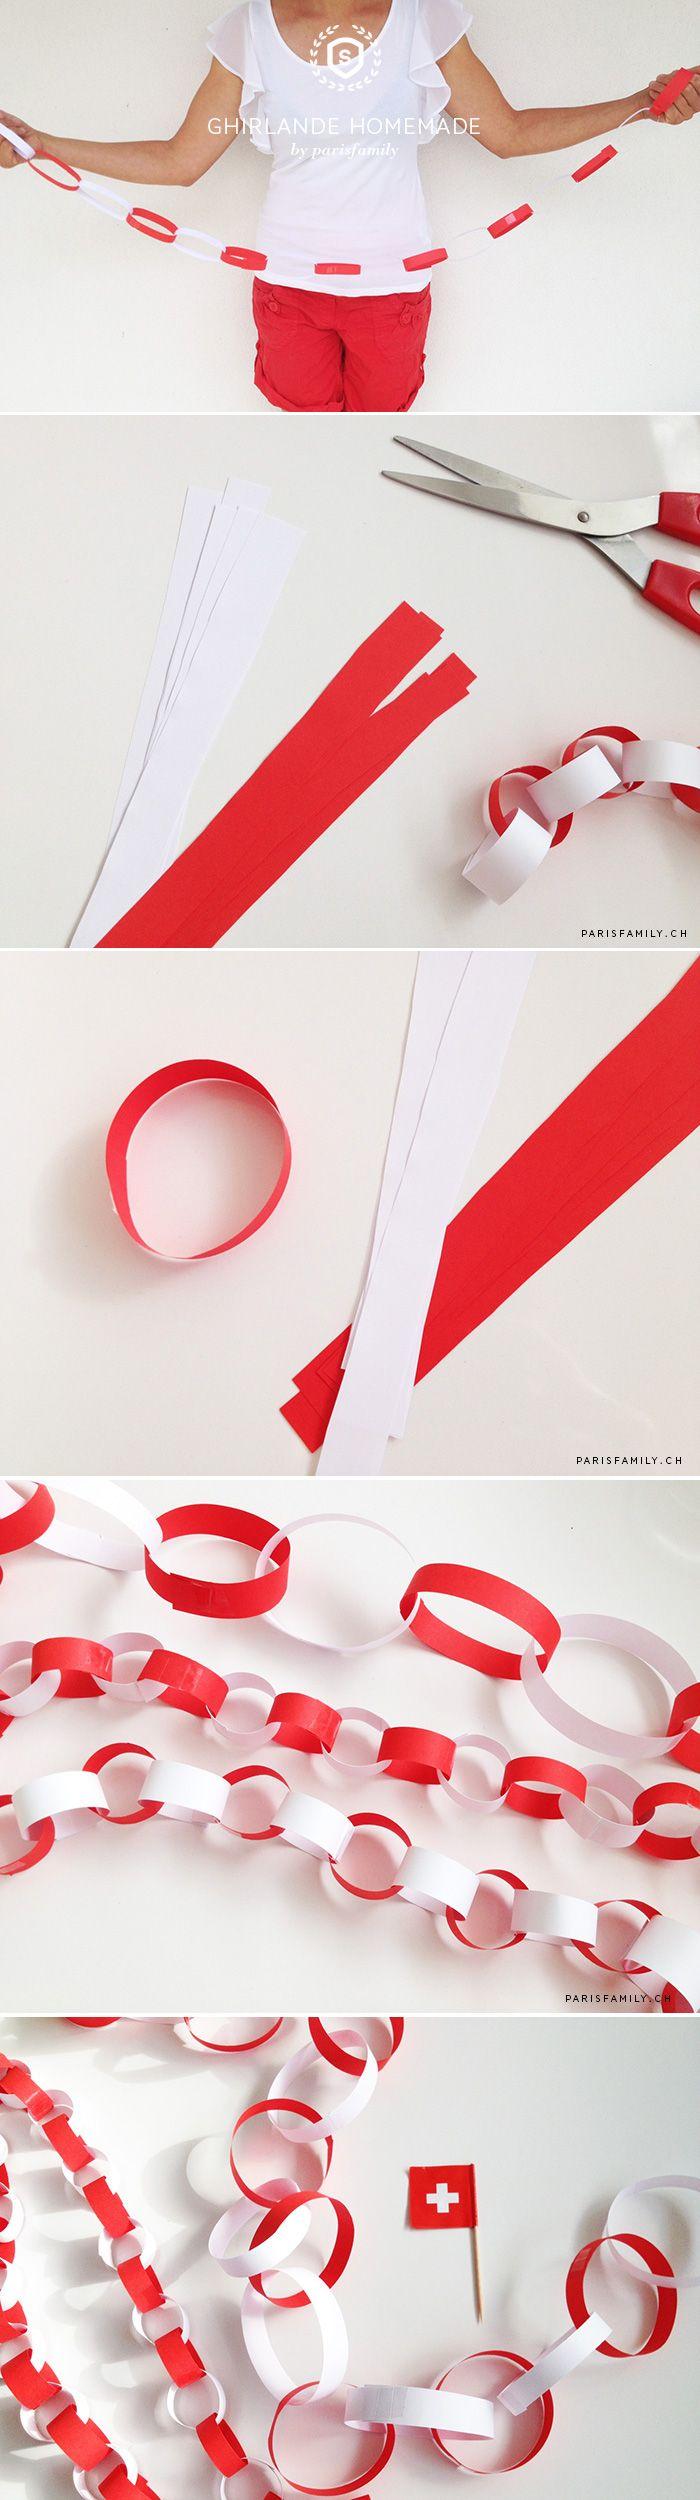 17 migliori idee su ghirlande di carta su pinterest for Ghirlande di carta